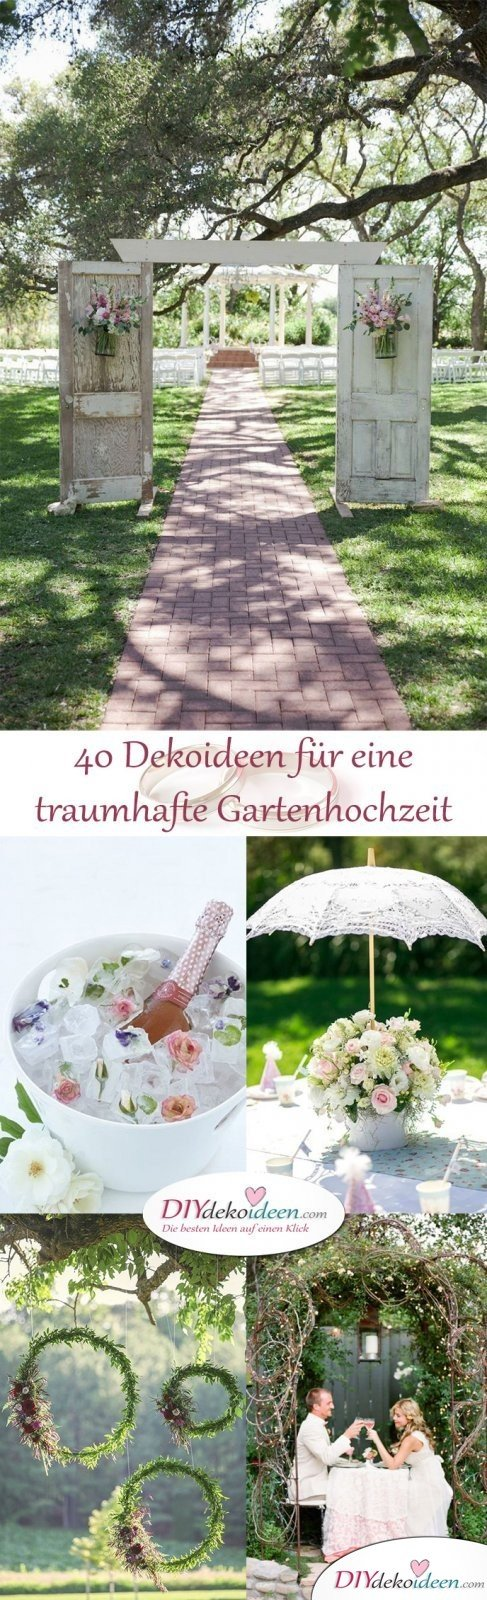 40 Diy Dekoideen Fur Eine Traumhafte Garten Hochzeit